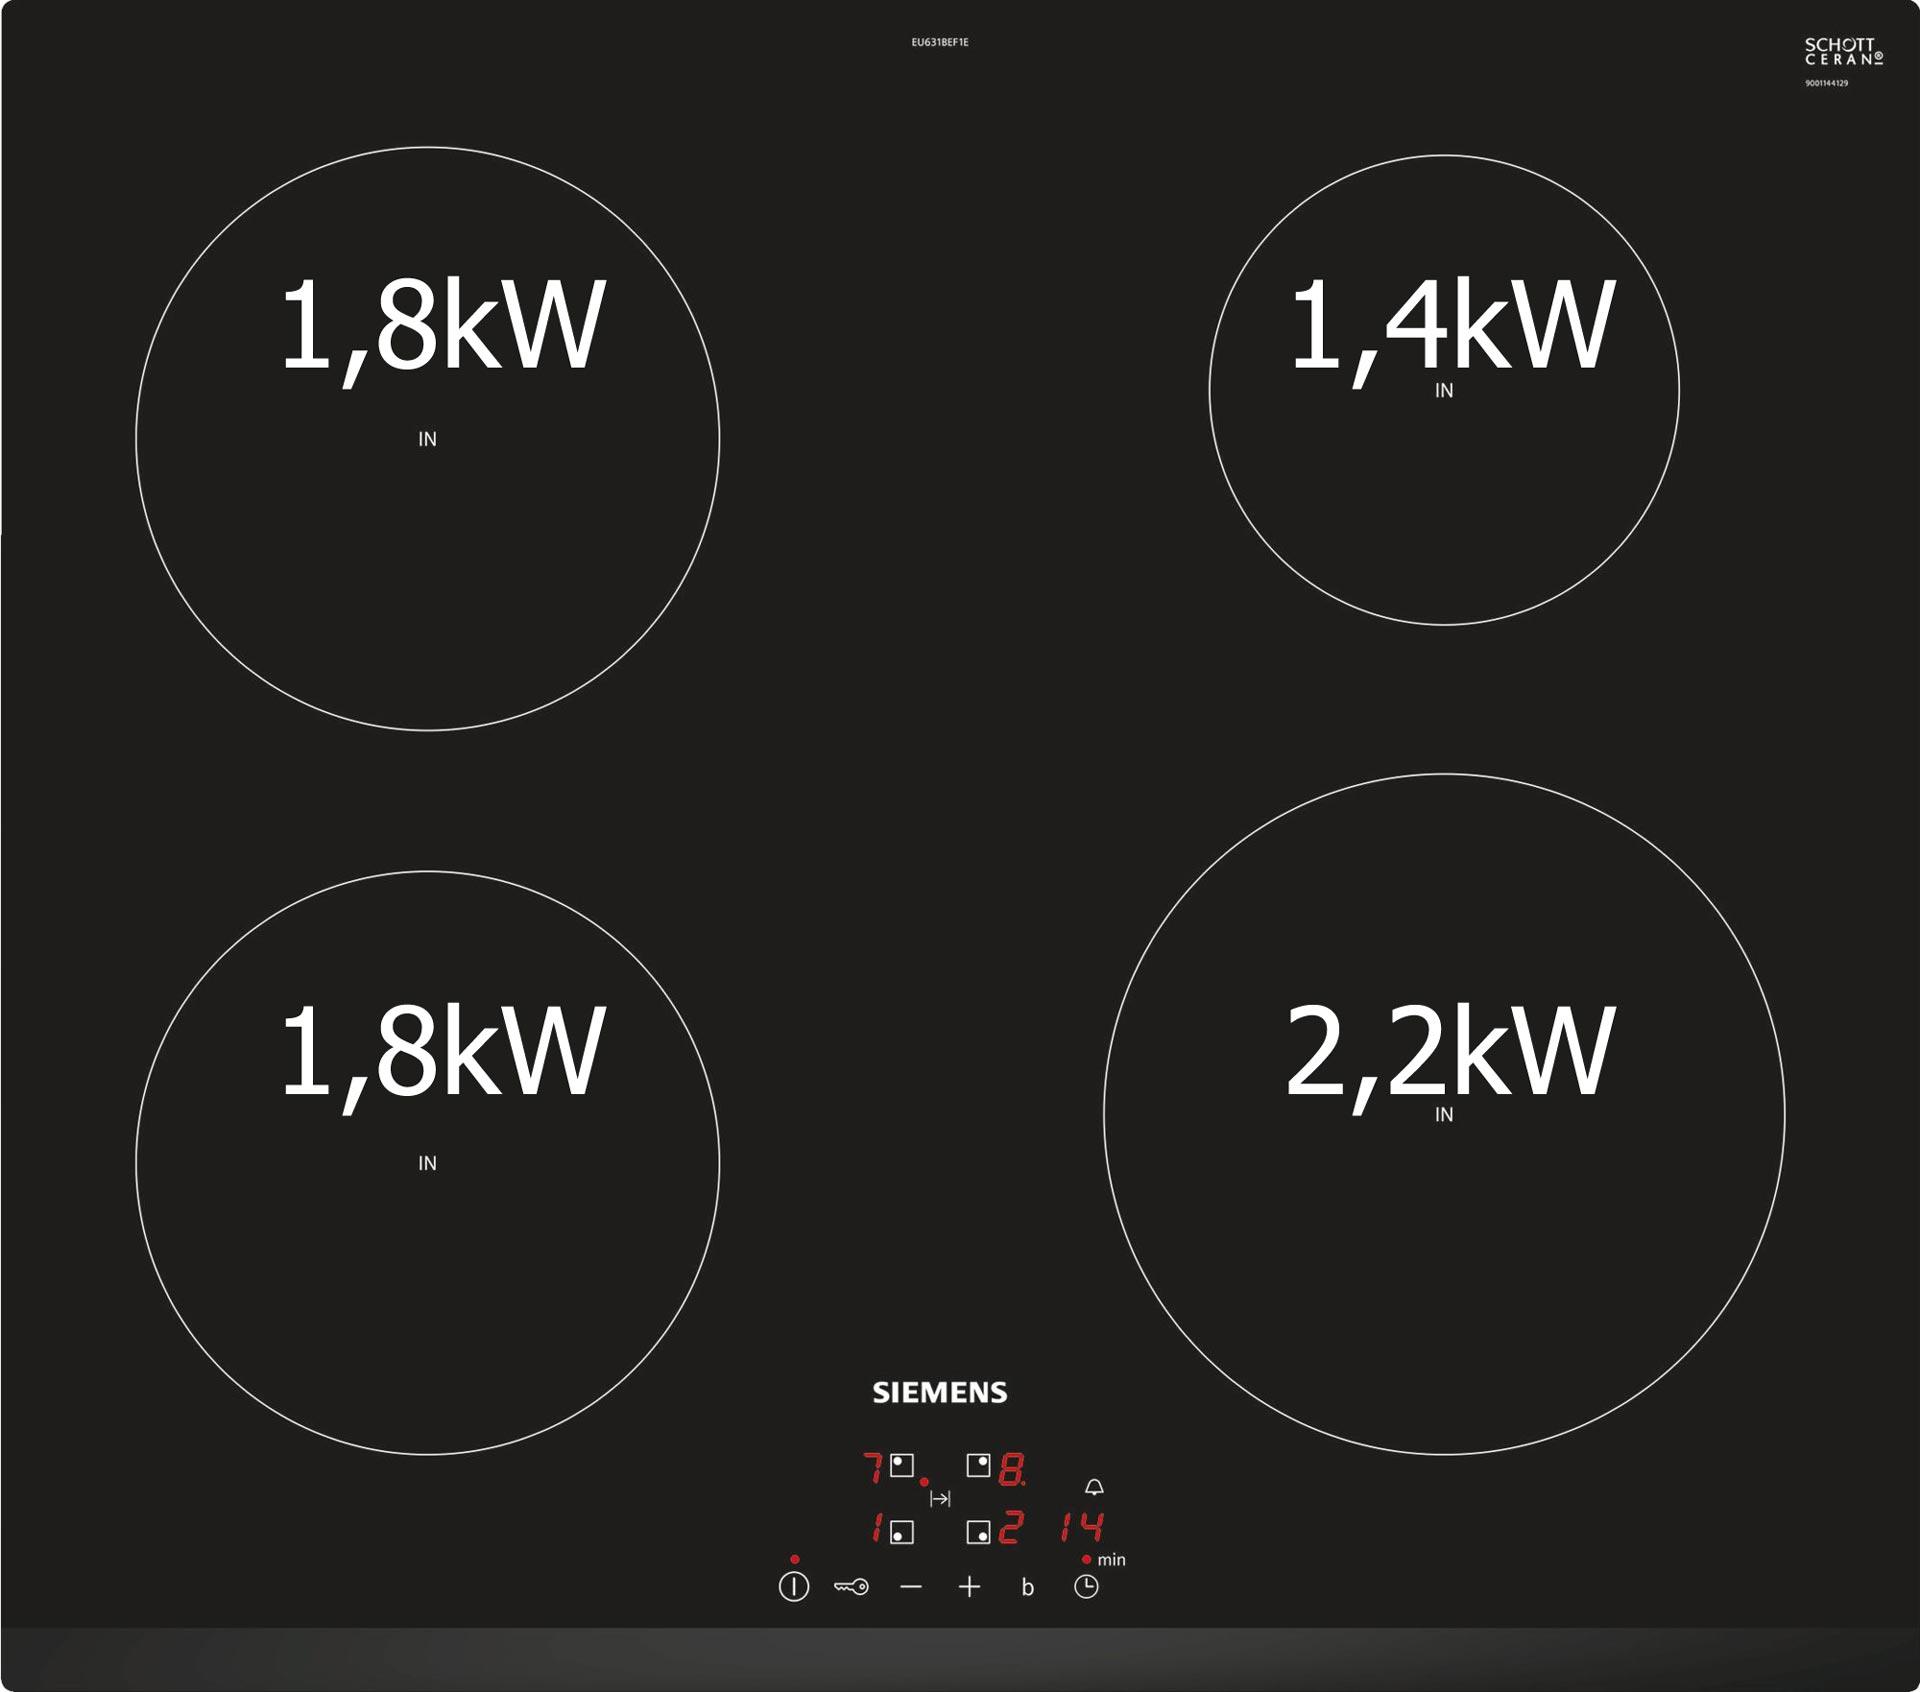 podłączyć płytę indukcyjną pod 230V